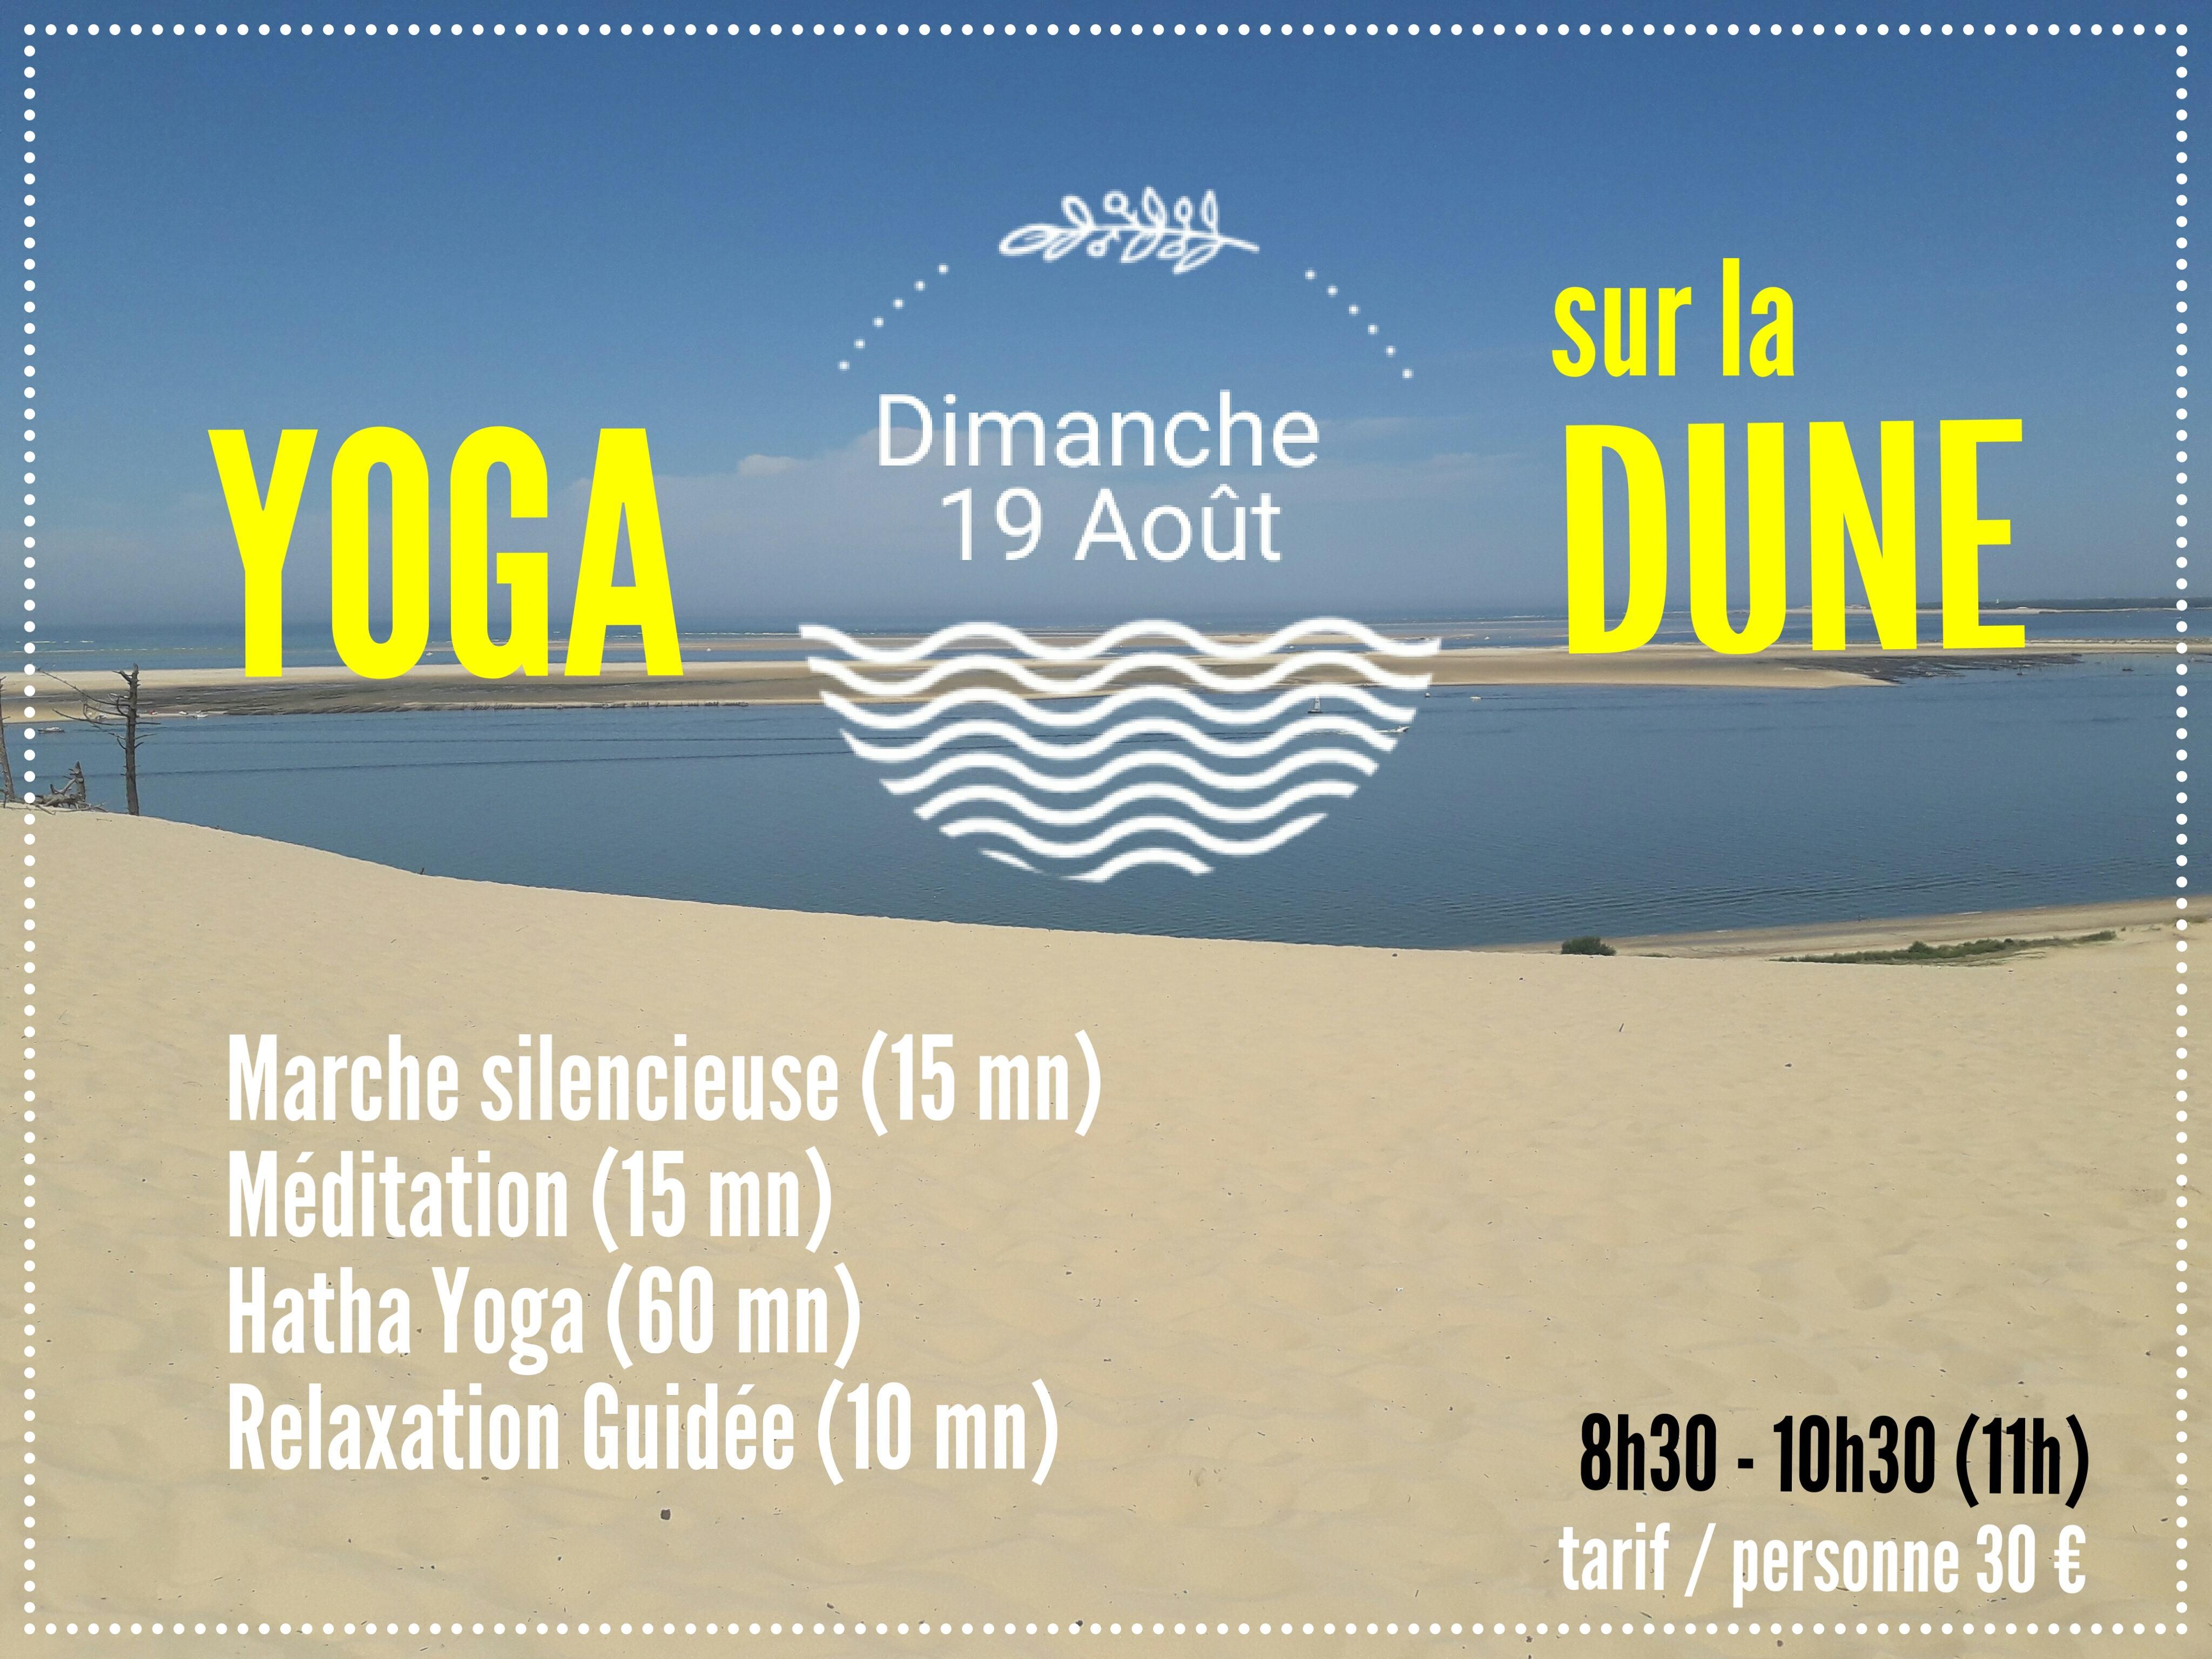 Yoga sur la Dune du Pyla